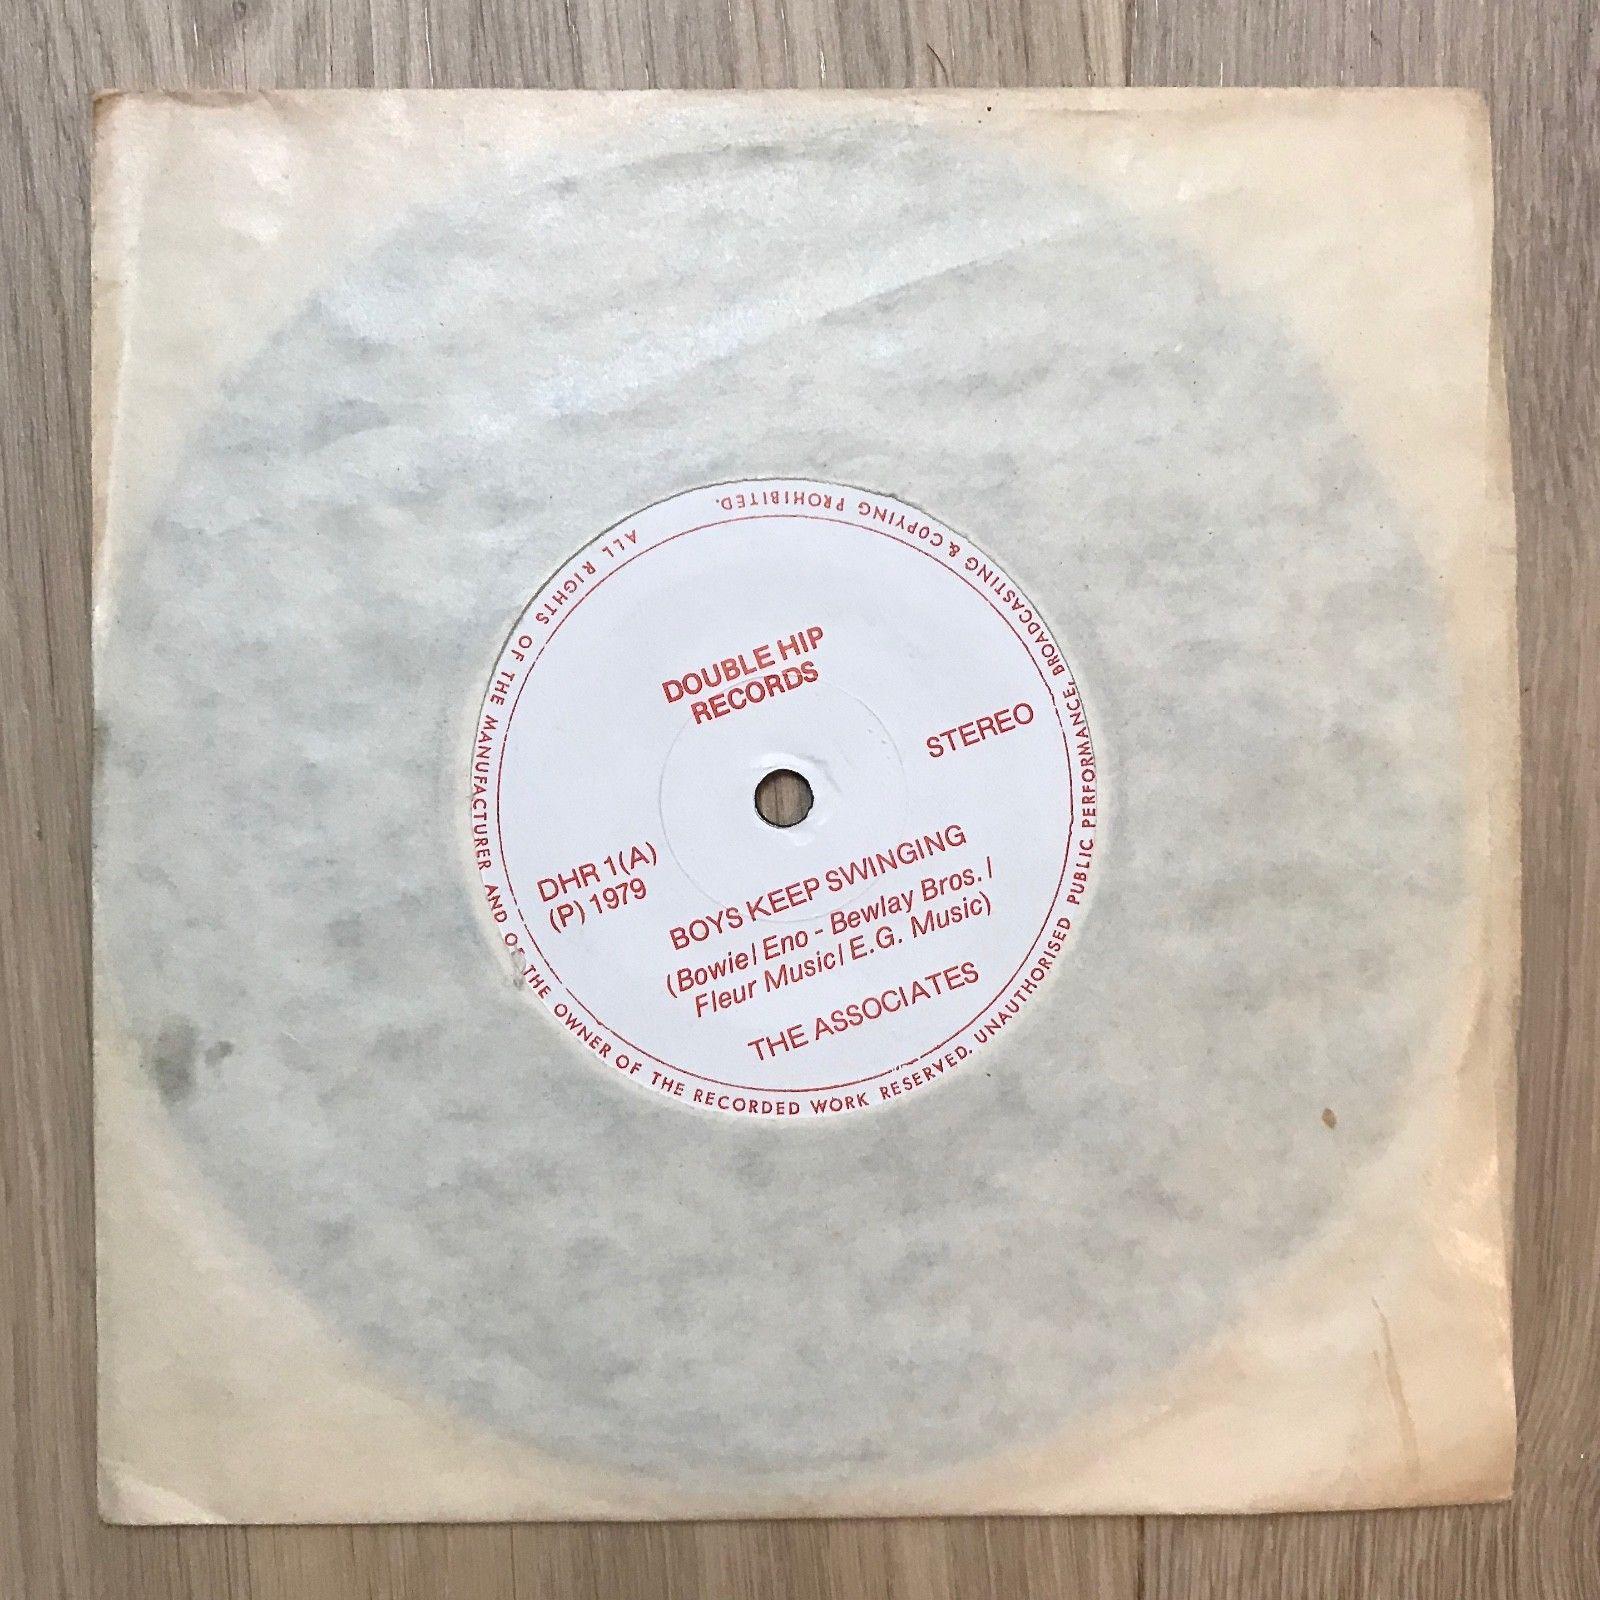 """The Associates 7"""" single """"Boys Keep Swinging"""" written by David Bowie."""